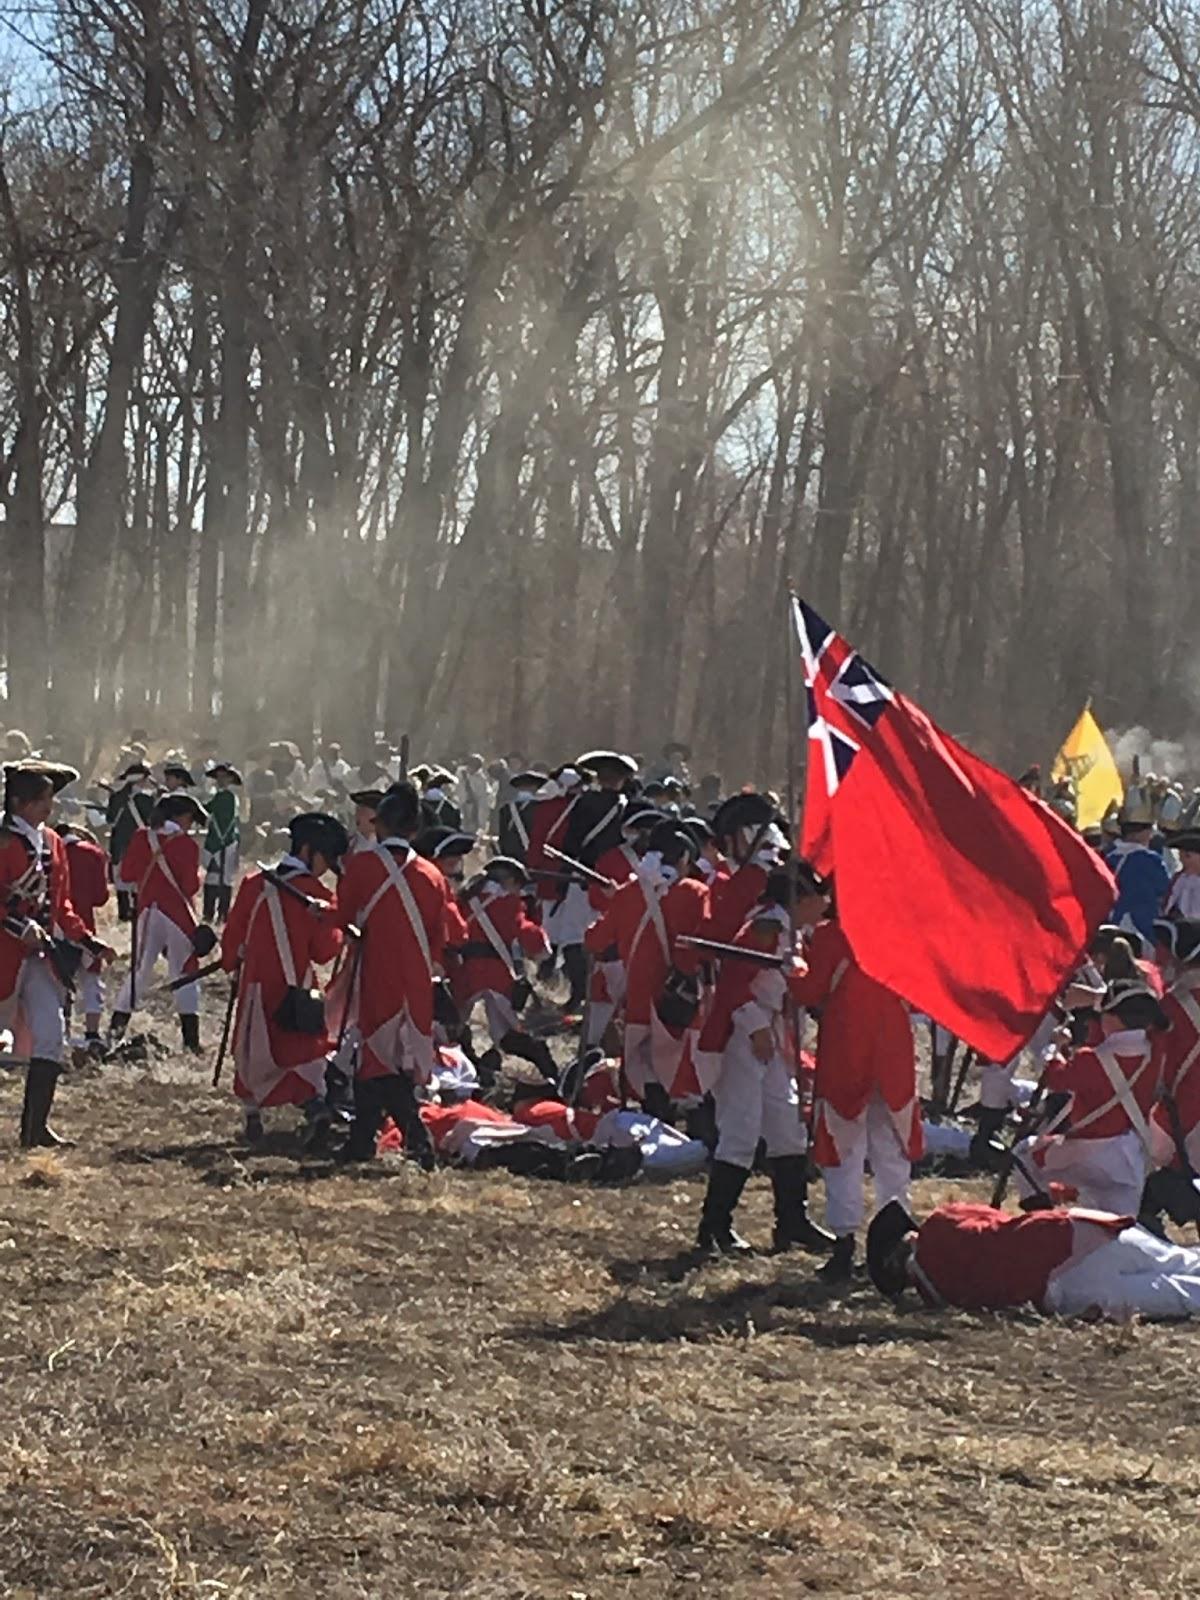 The Battle of Long Island Revolutionary War Reenactment